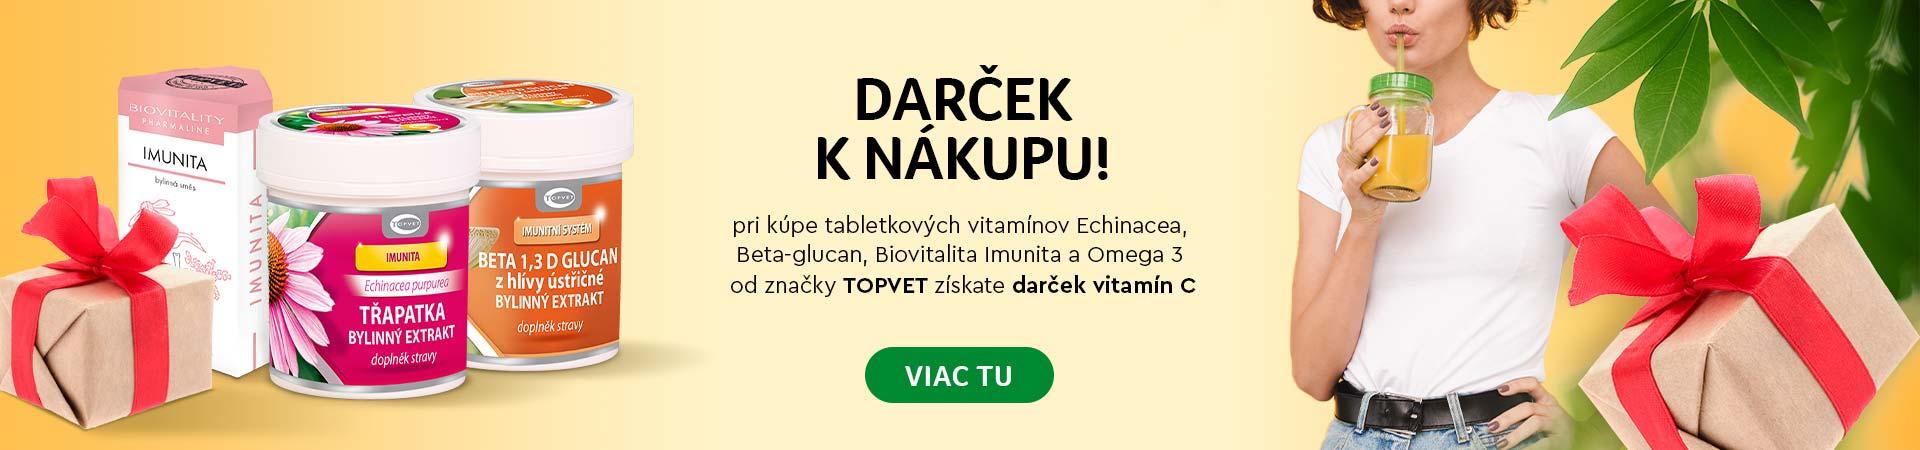 Topvet vitamic c zadarmo